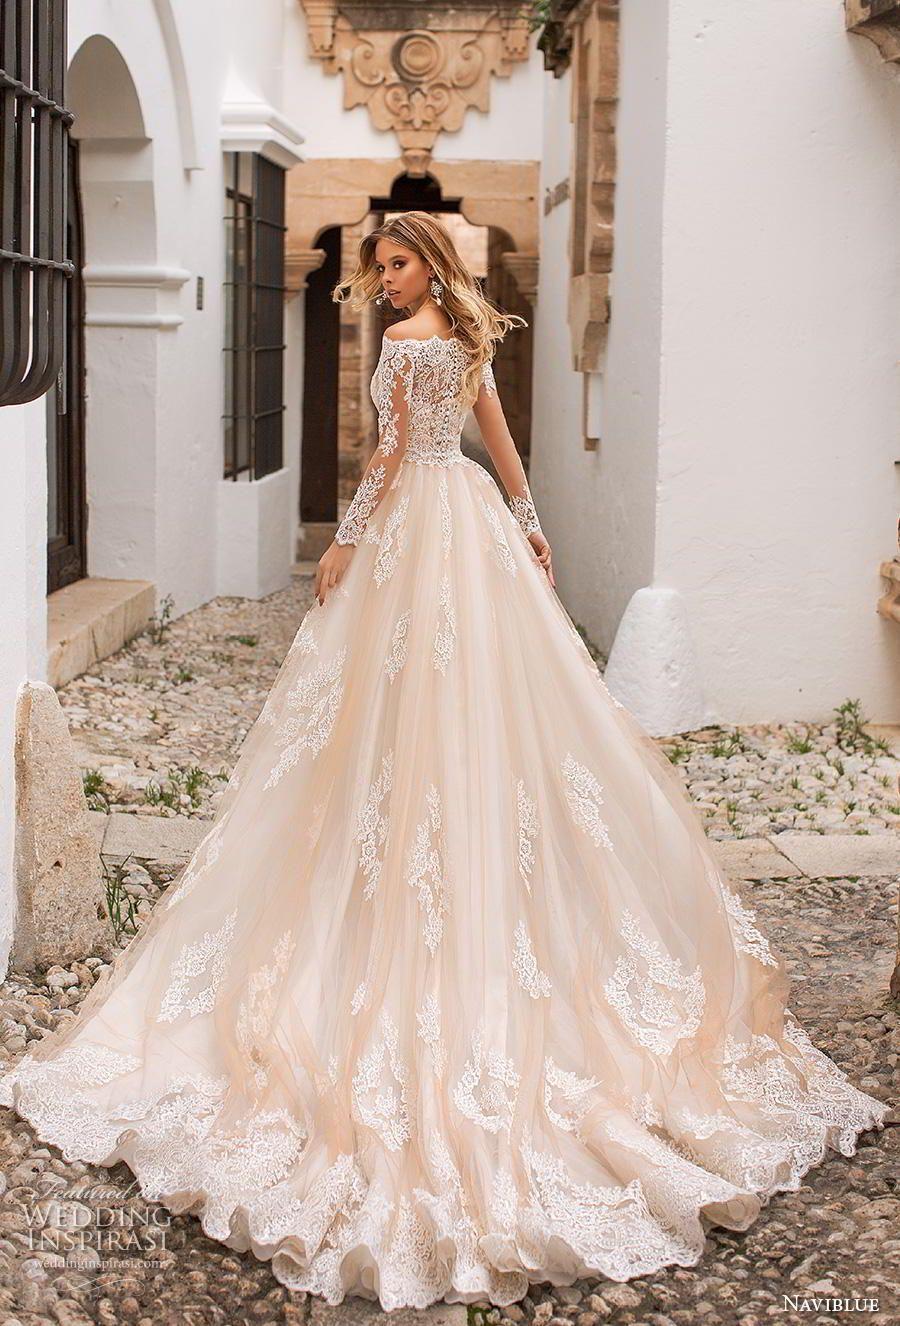 Hochzeitskleider Naviblue